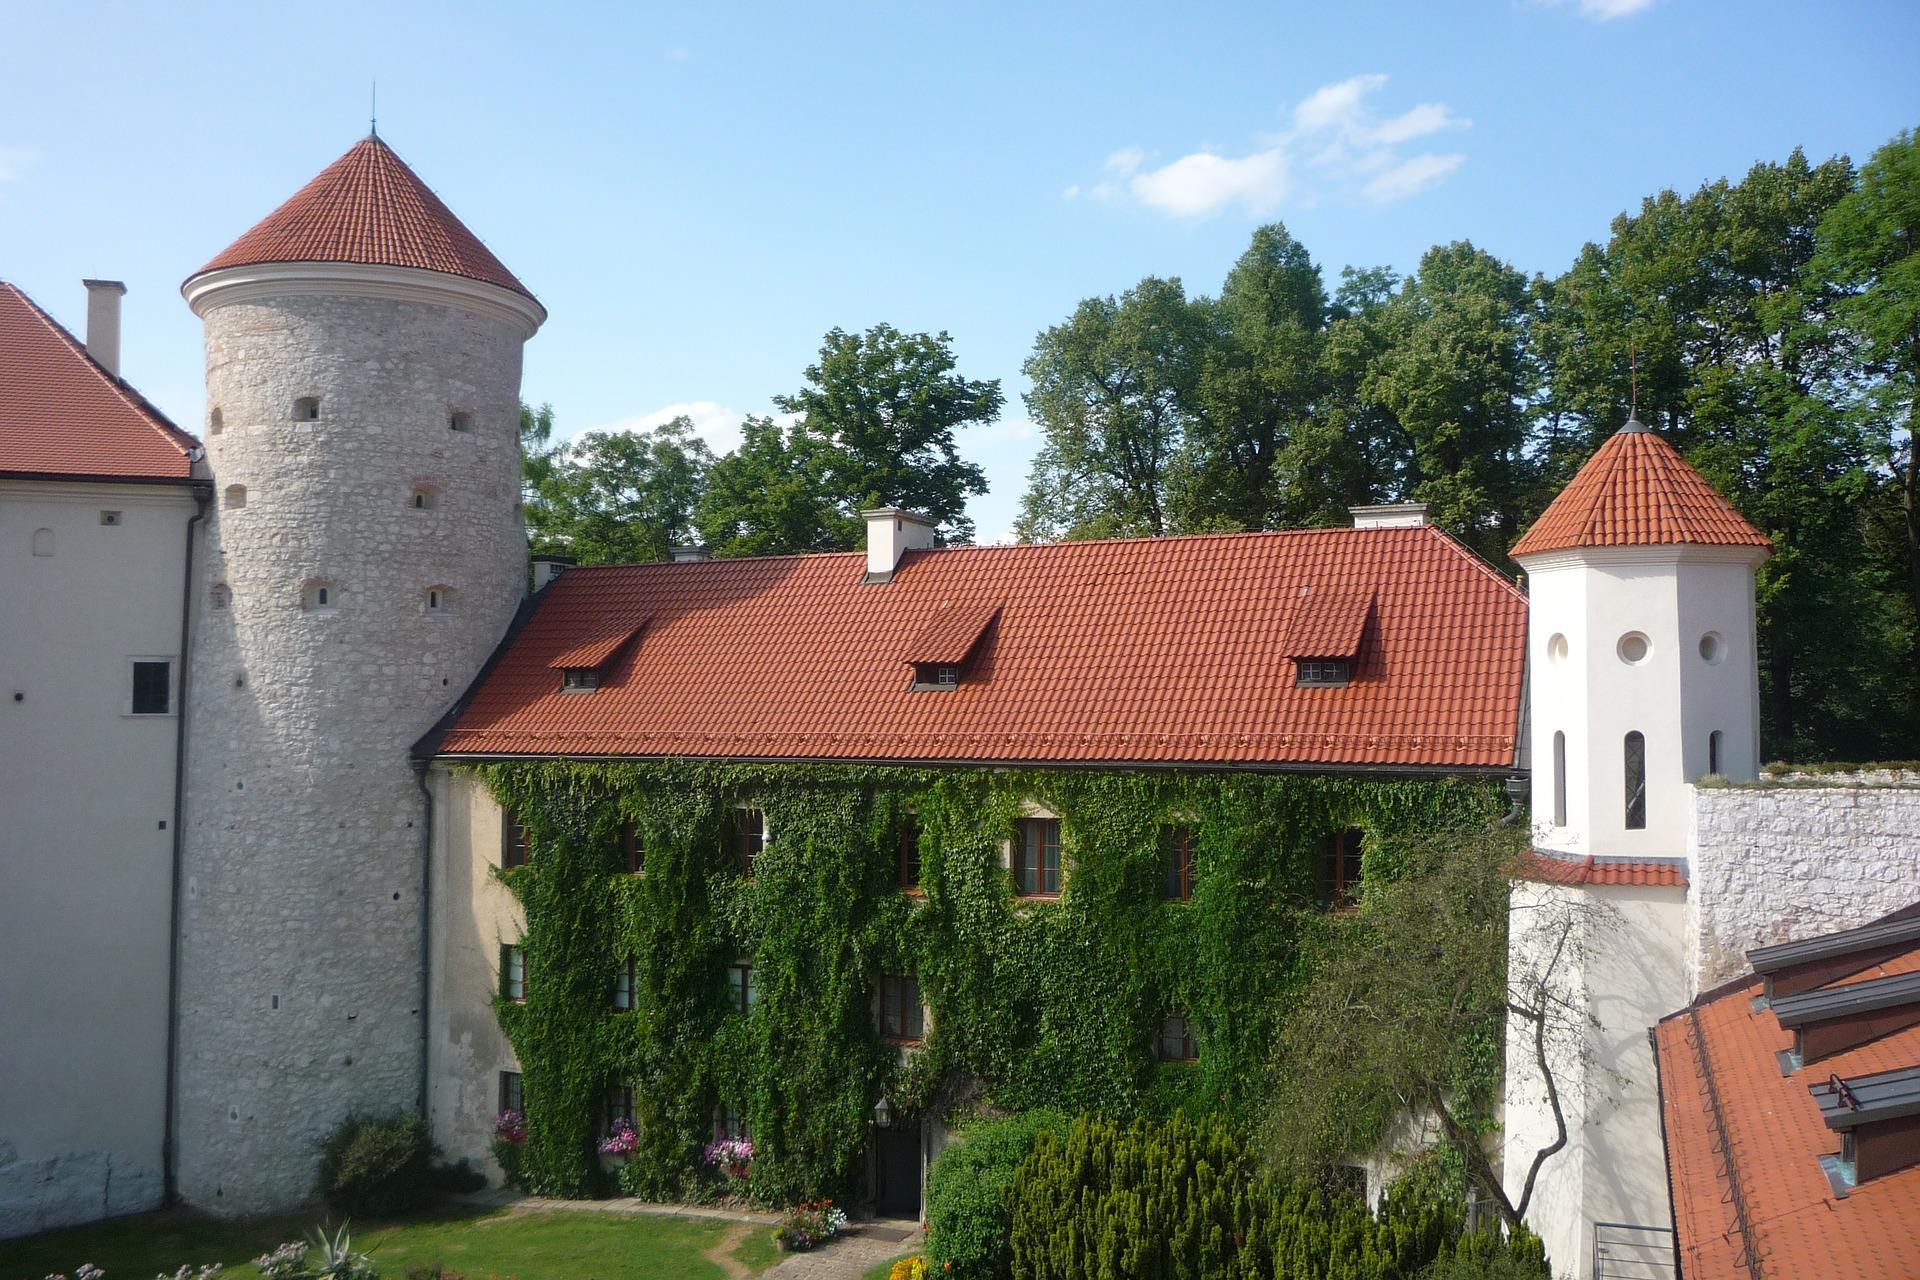 pieskowa-skaa-castle-3388405_1920